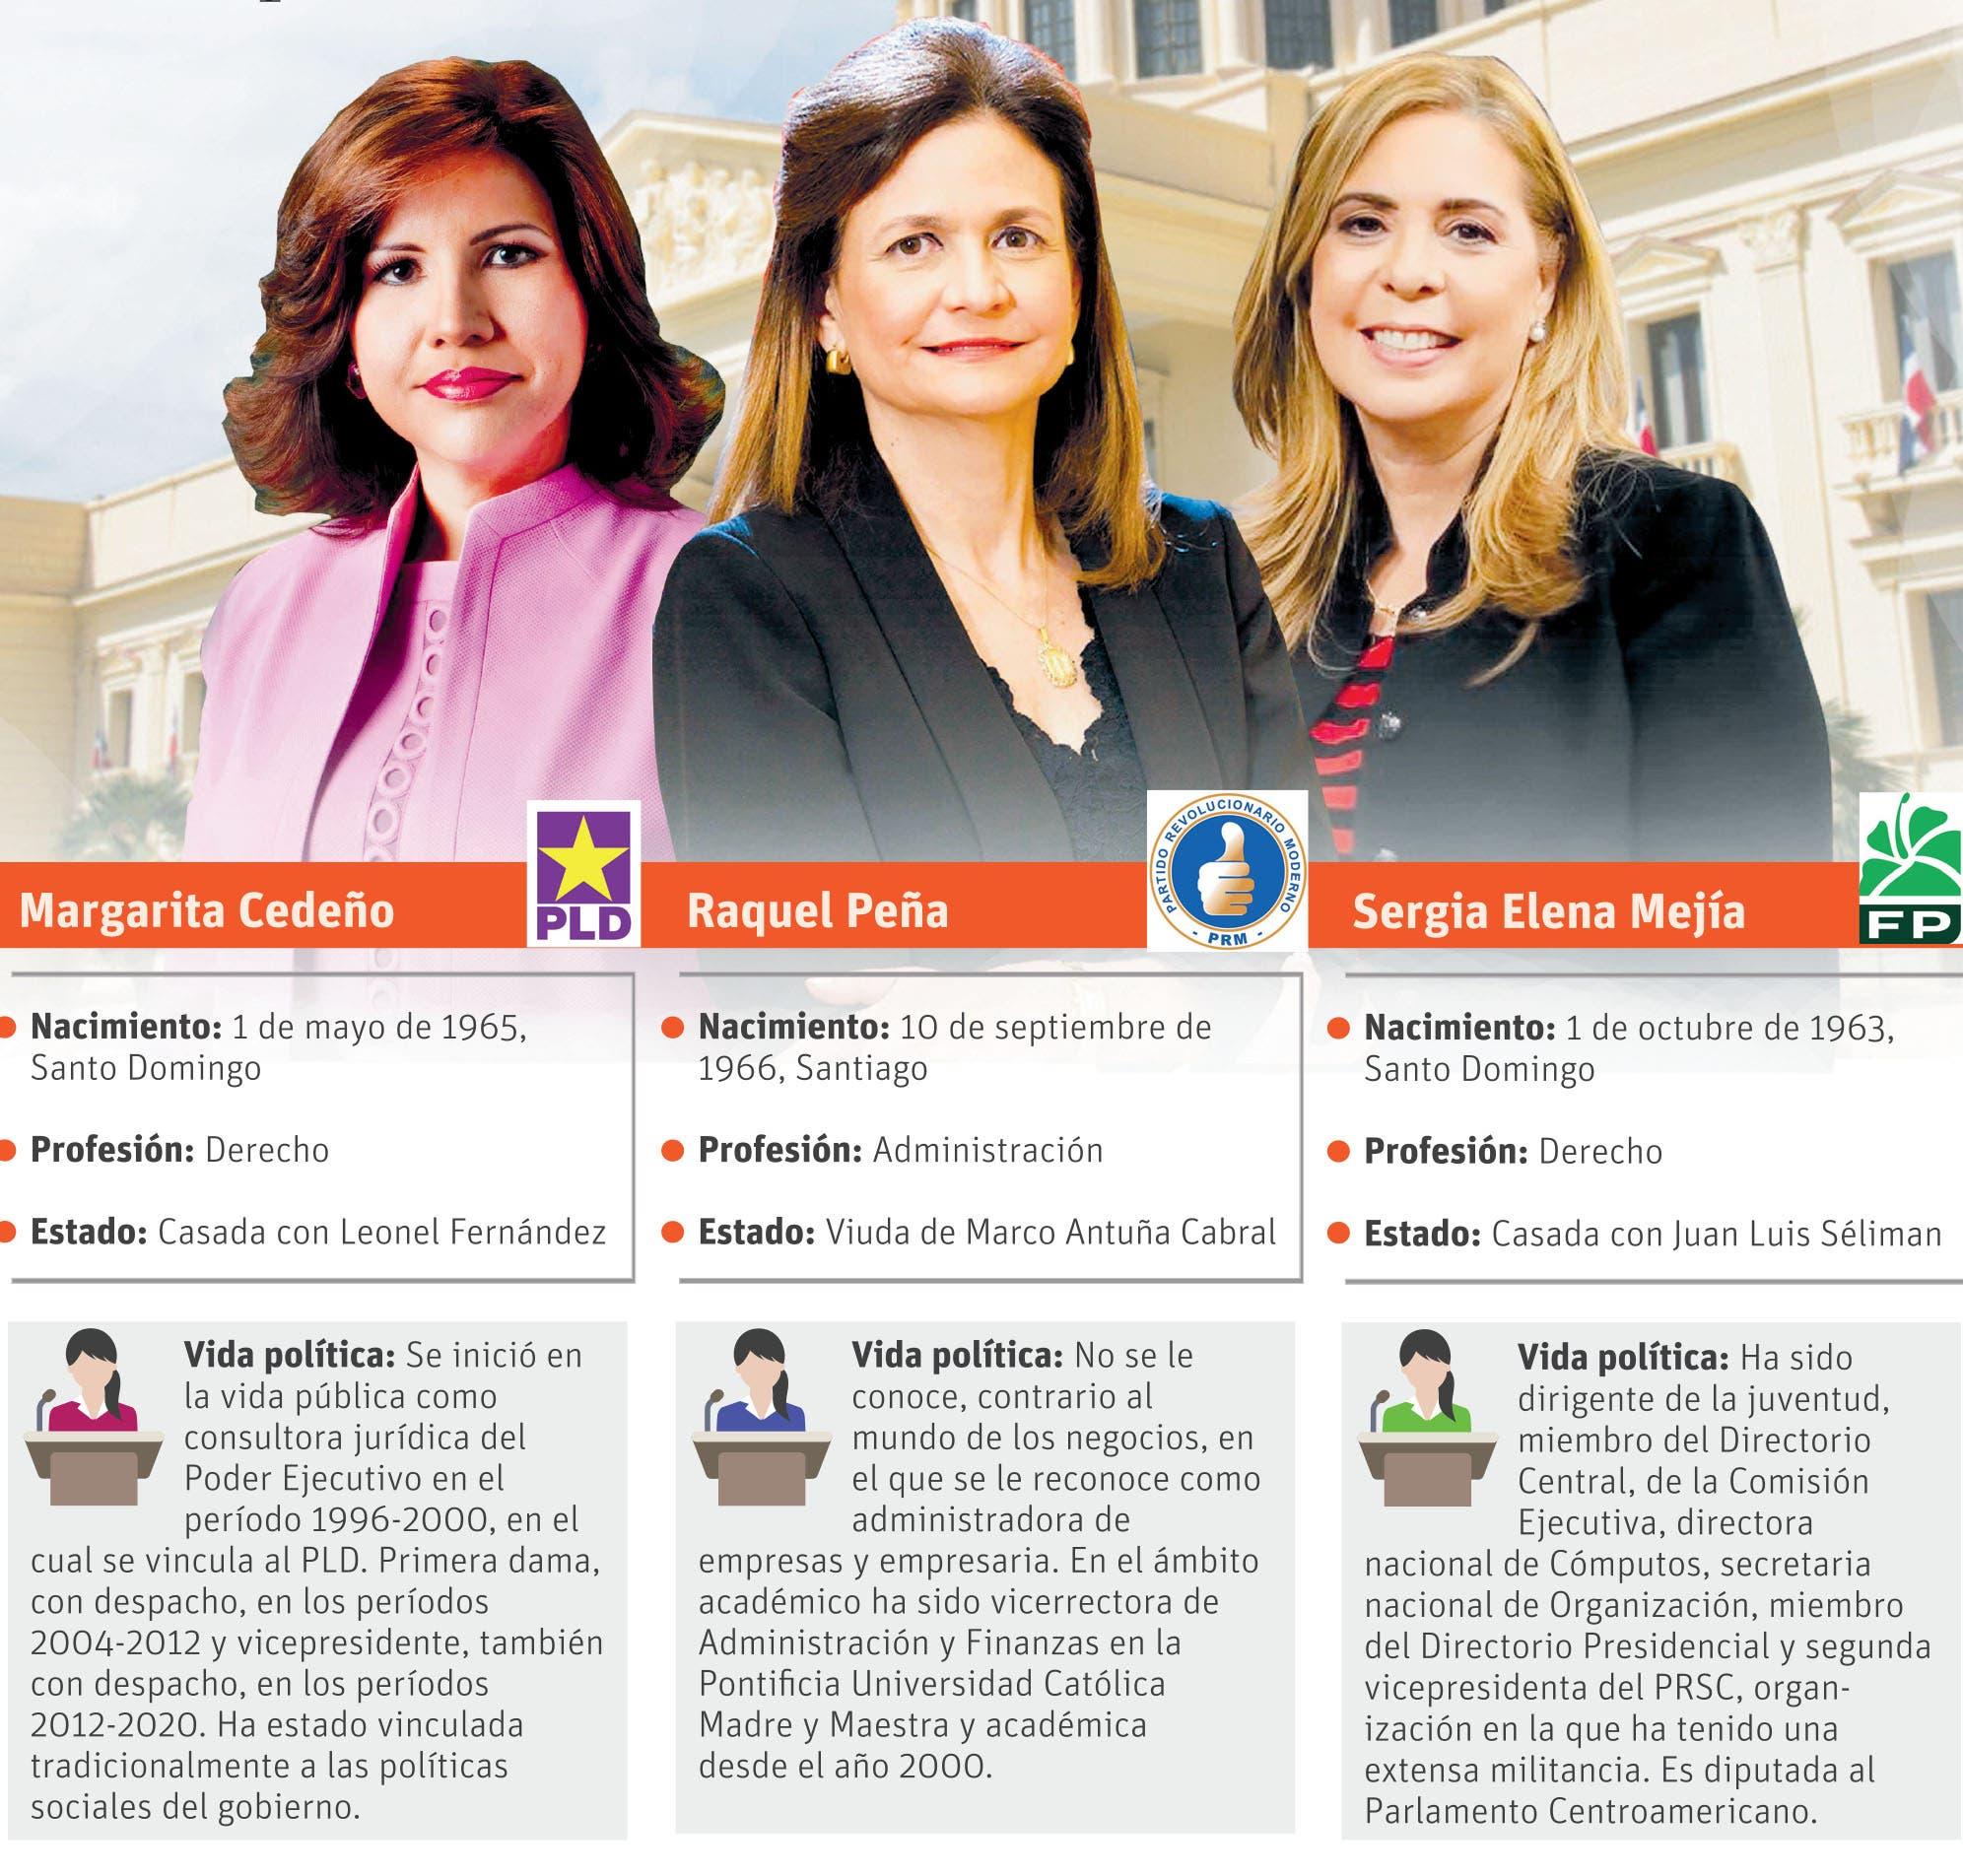 De tres mujeres para la vice, una aporta, otra jala y otra, por verse